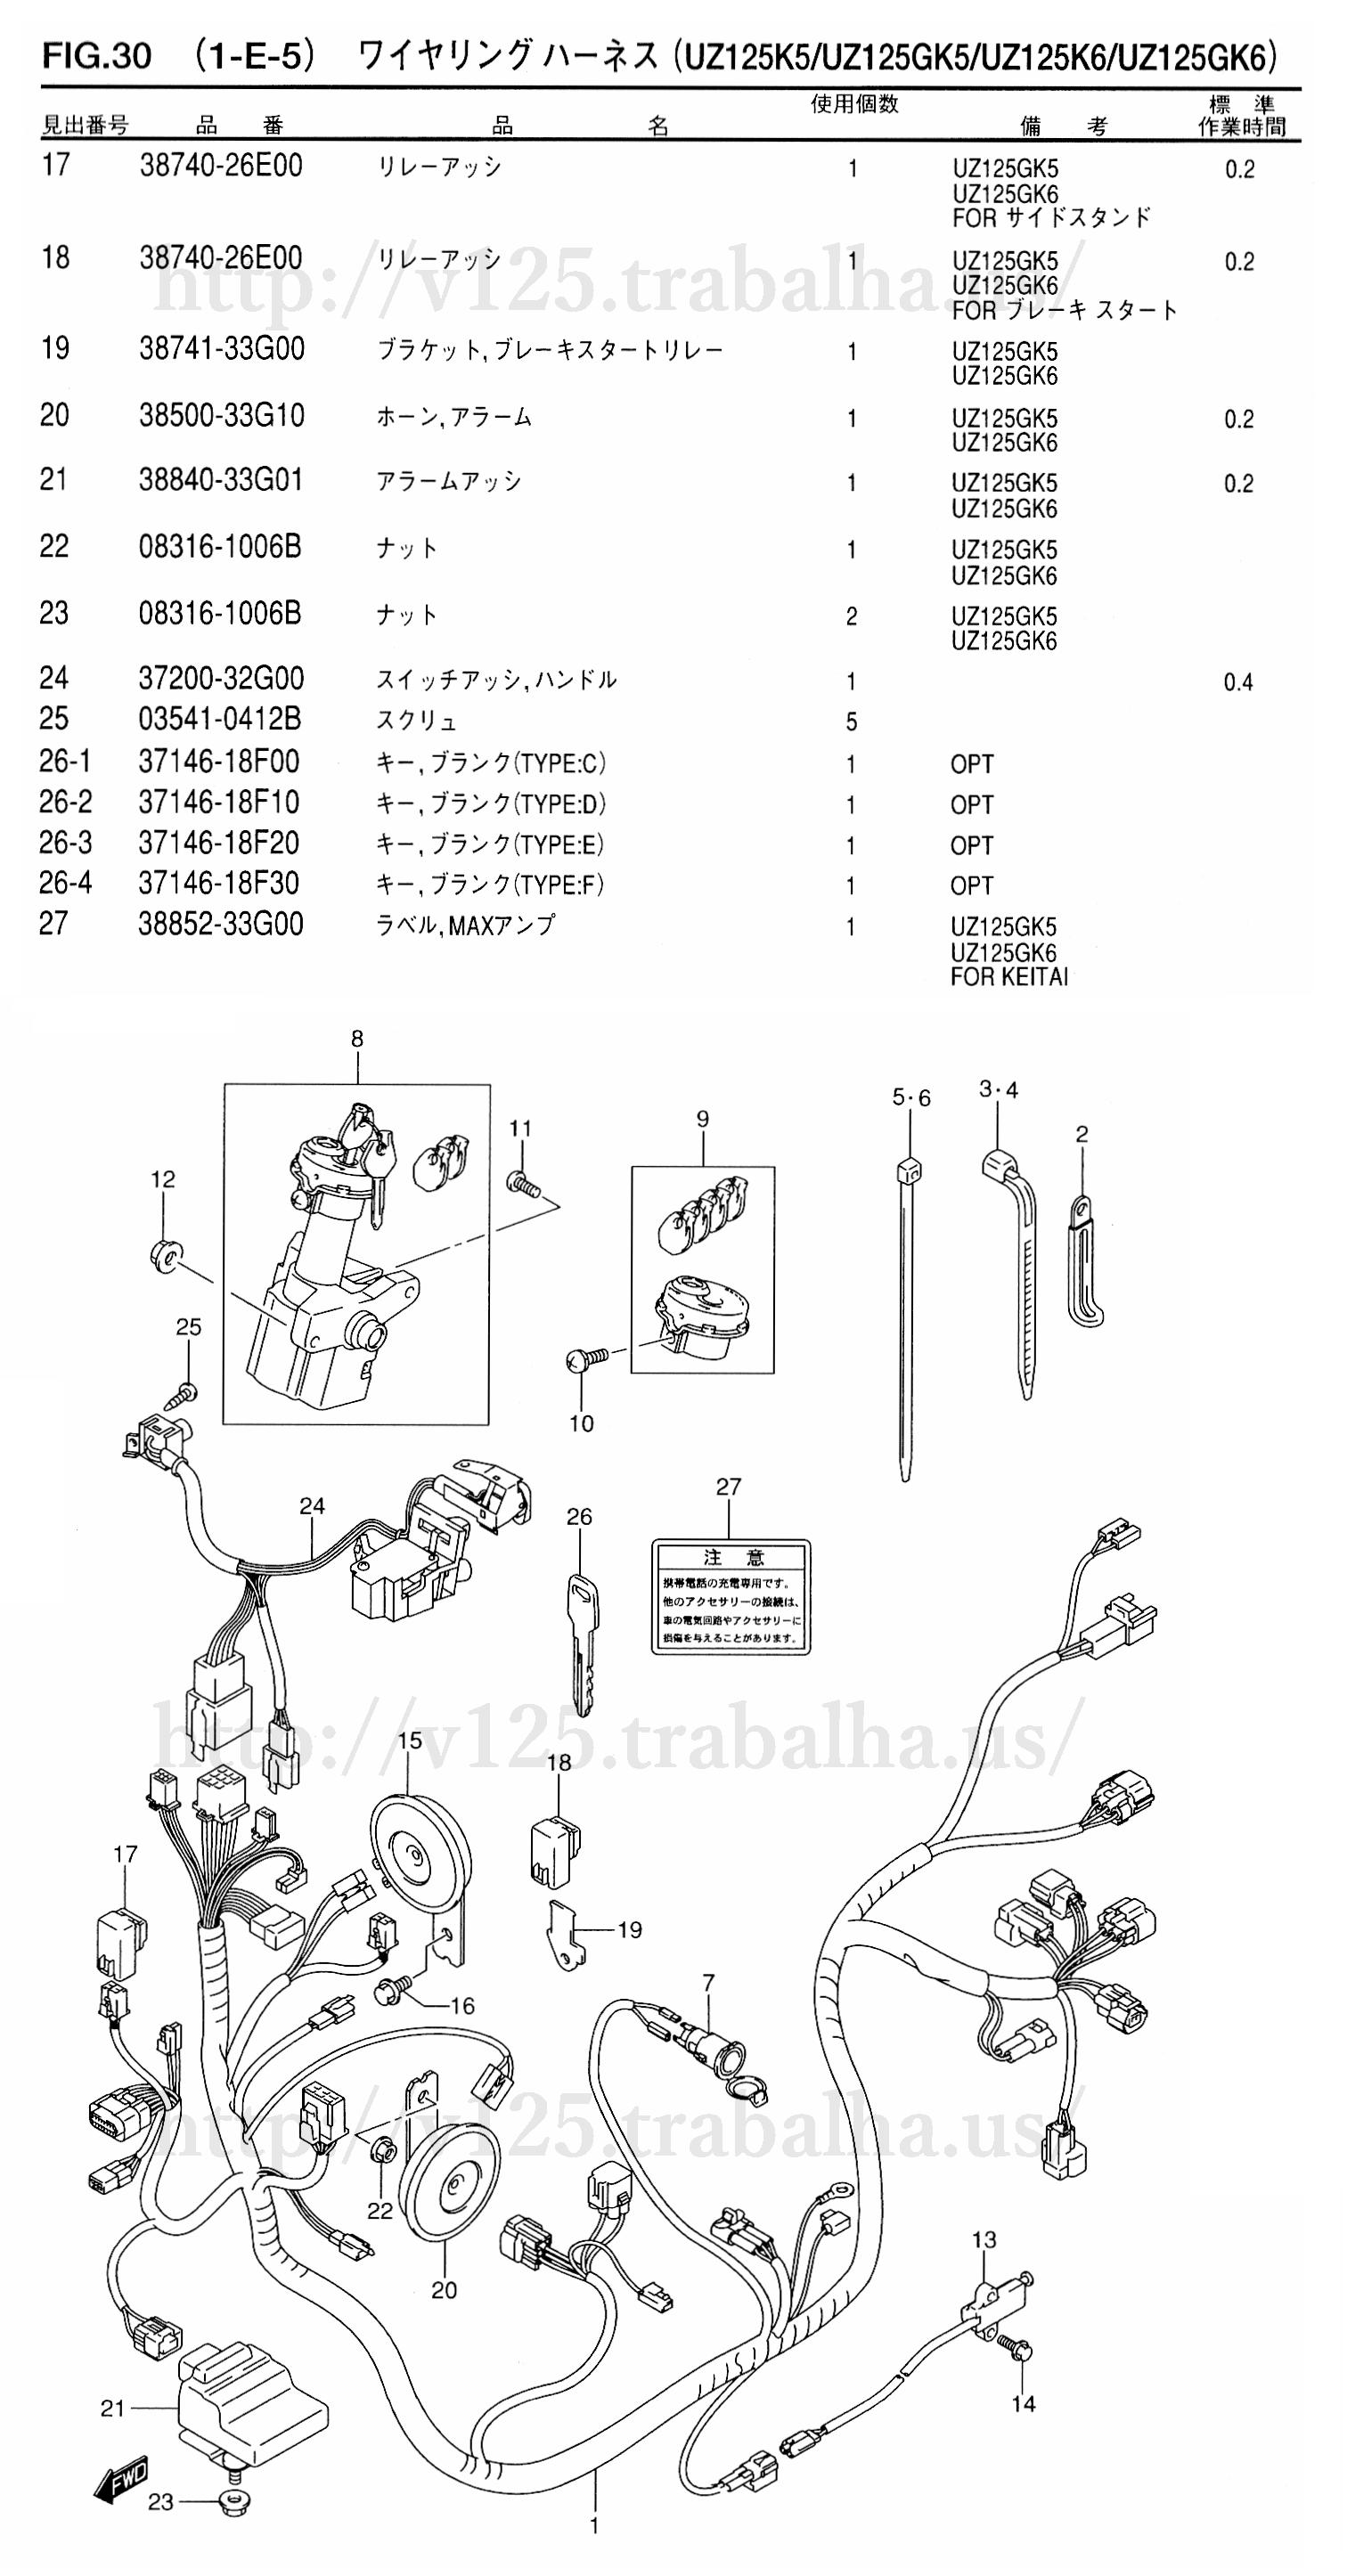 FIG.30(1-E-5)ワイヤリング ハーネス(UZ125K5/UZ125GK5/UZ125K6/UZ125GK6)